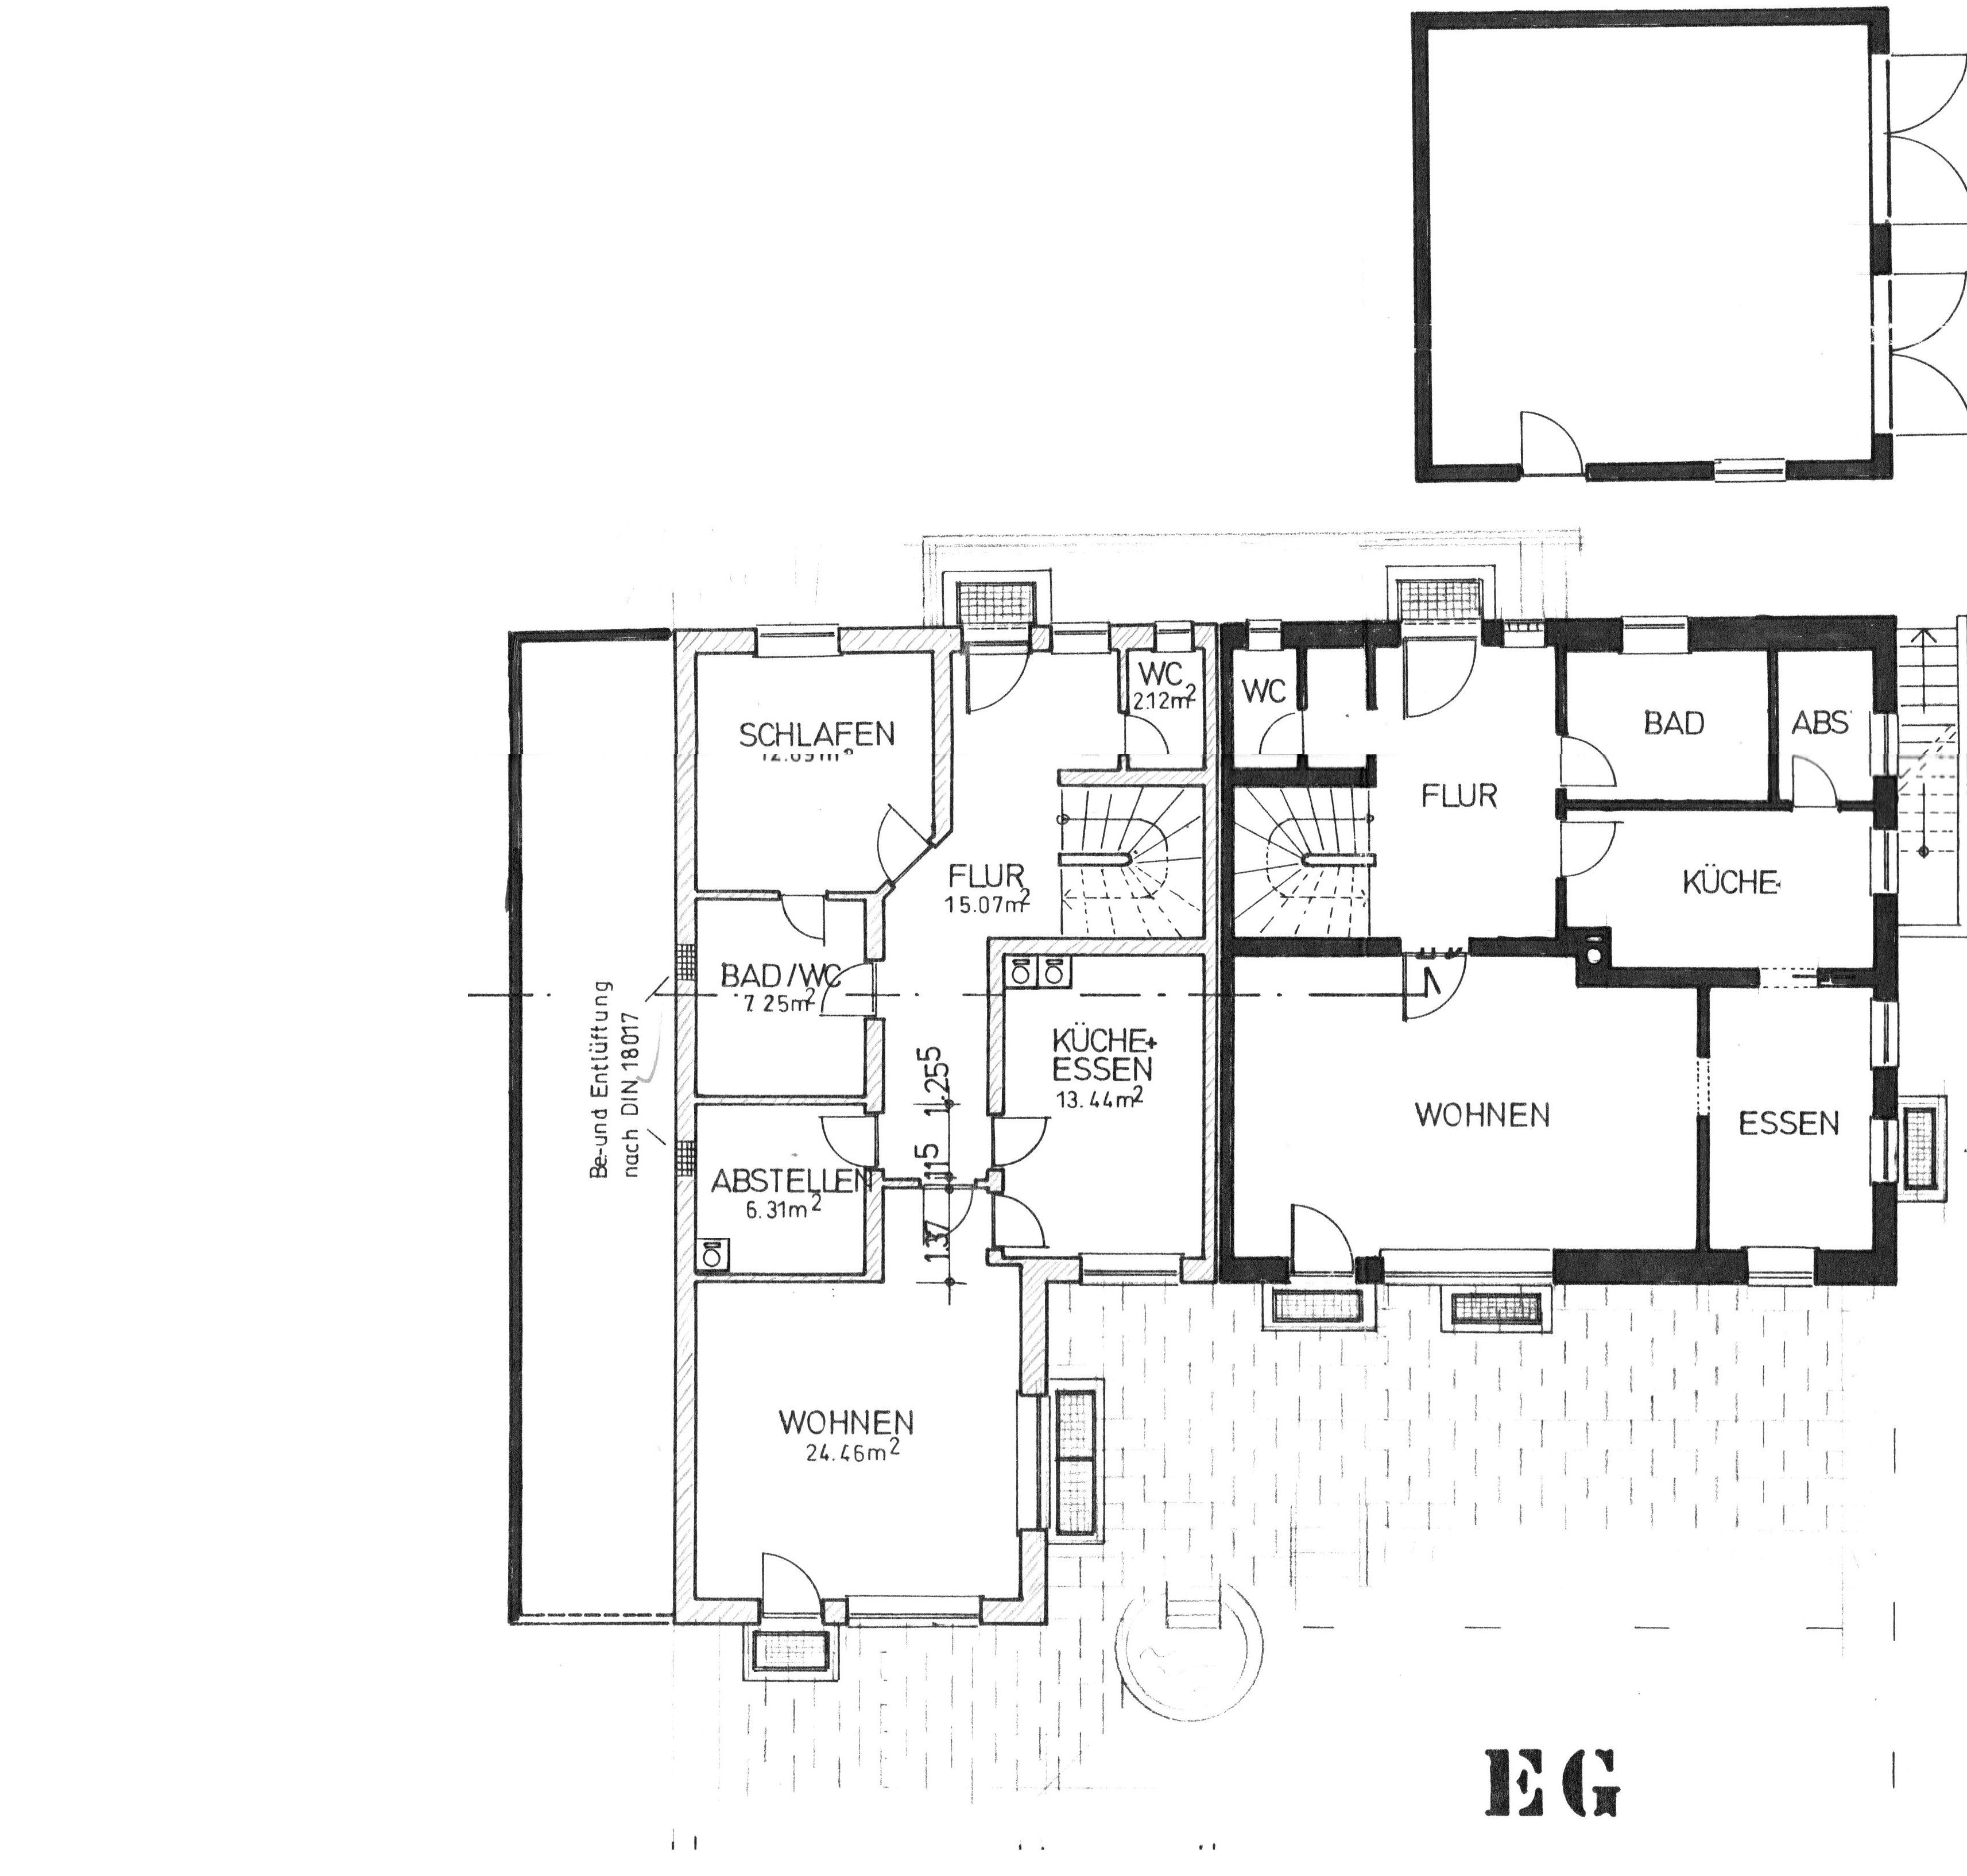 Geraeumiges Doppelhaus In Ruhiger Lage Von Ottobeuren-Ortsteil